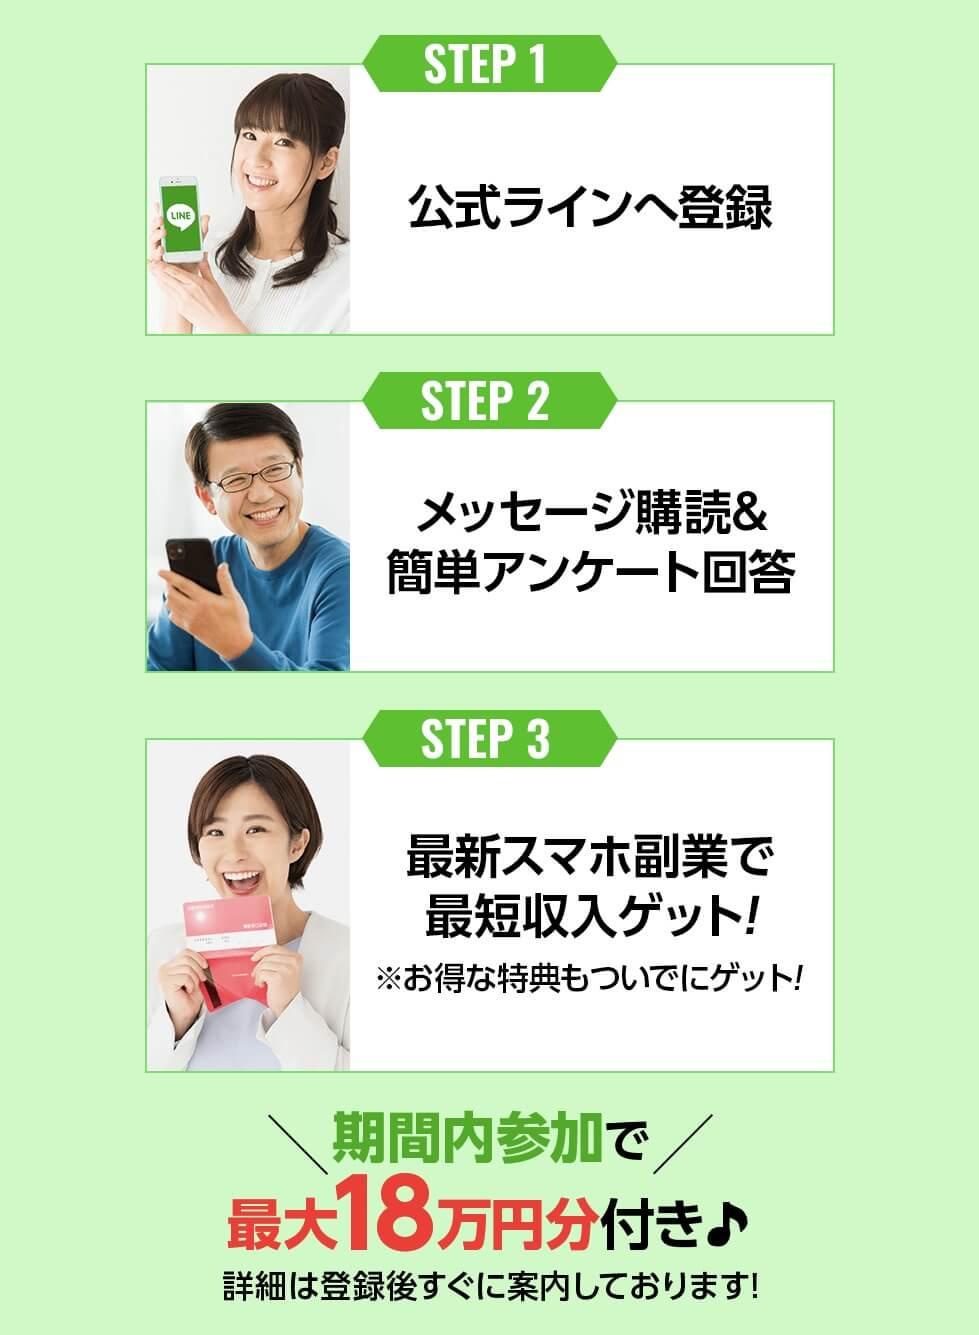 プレミアプロジェクト(最新スマホ副業)への参加方法は3ステップ